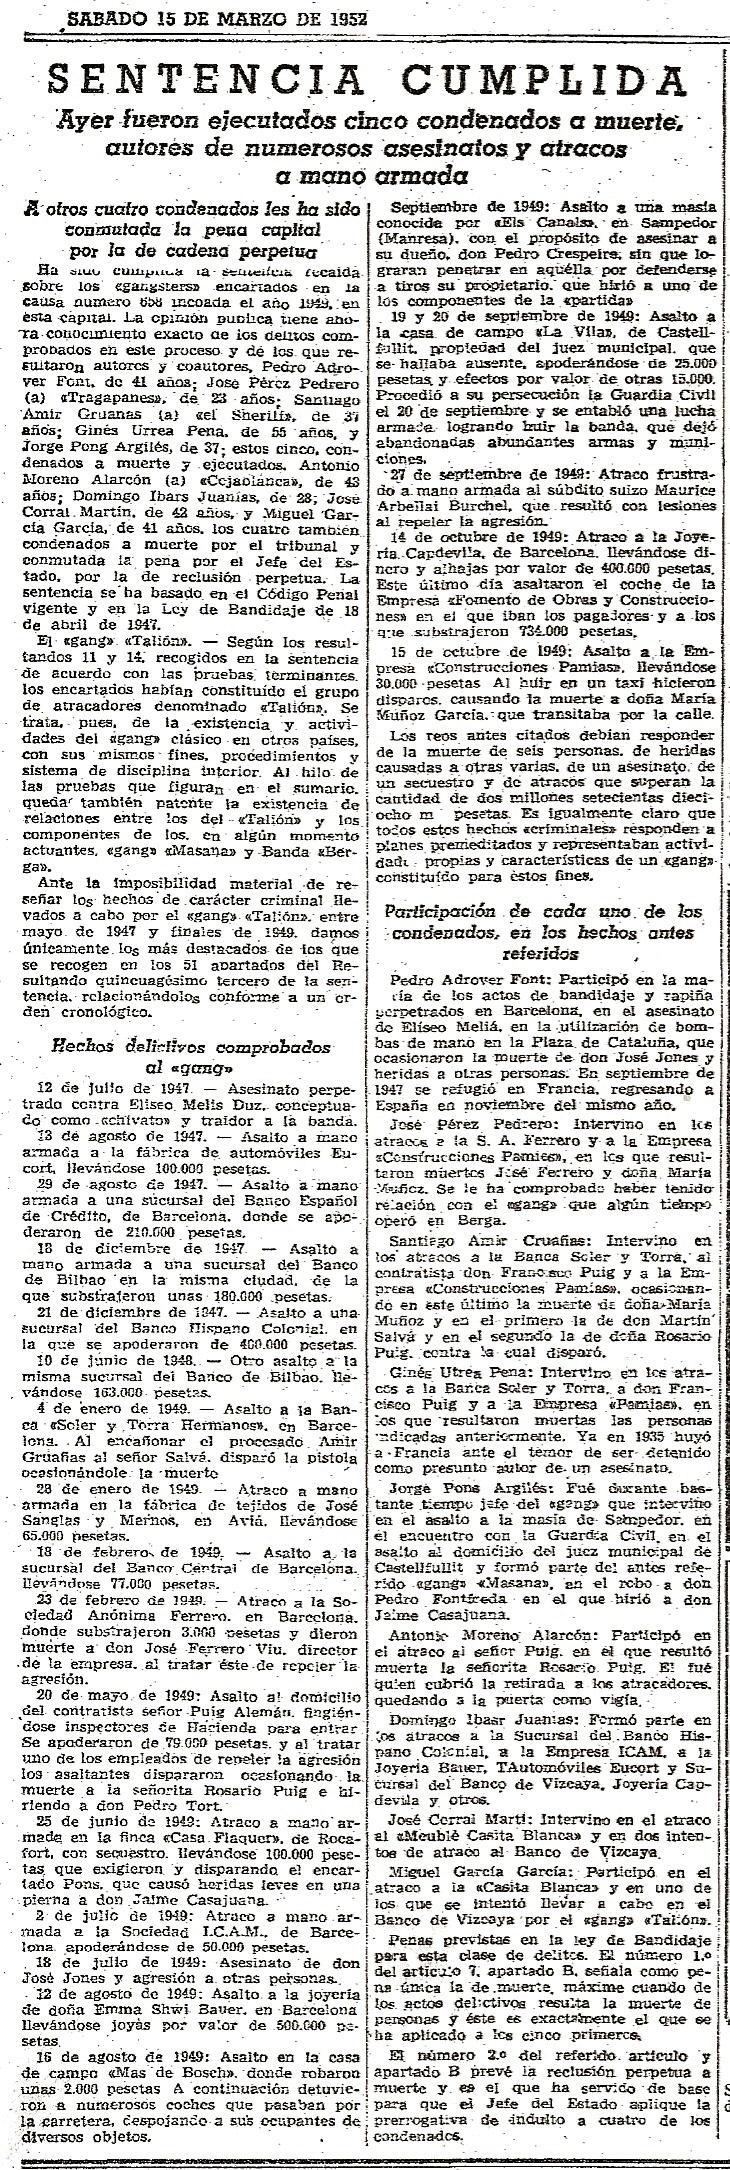 Recorte de periódico anunciando la ejecución de Adrover y sus compañeros.